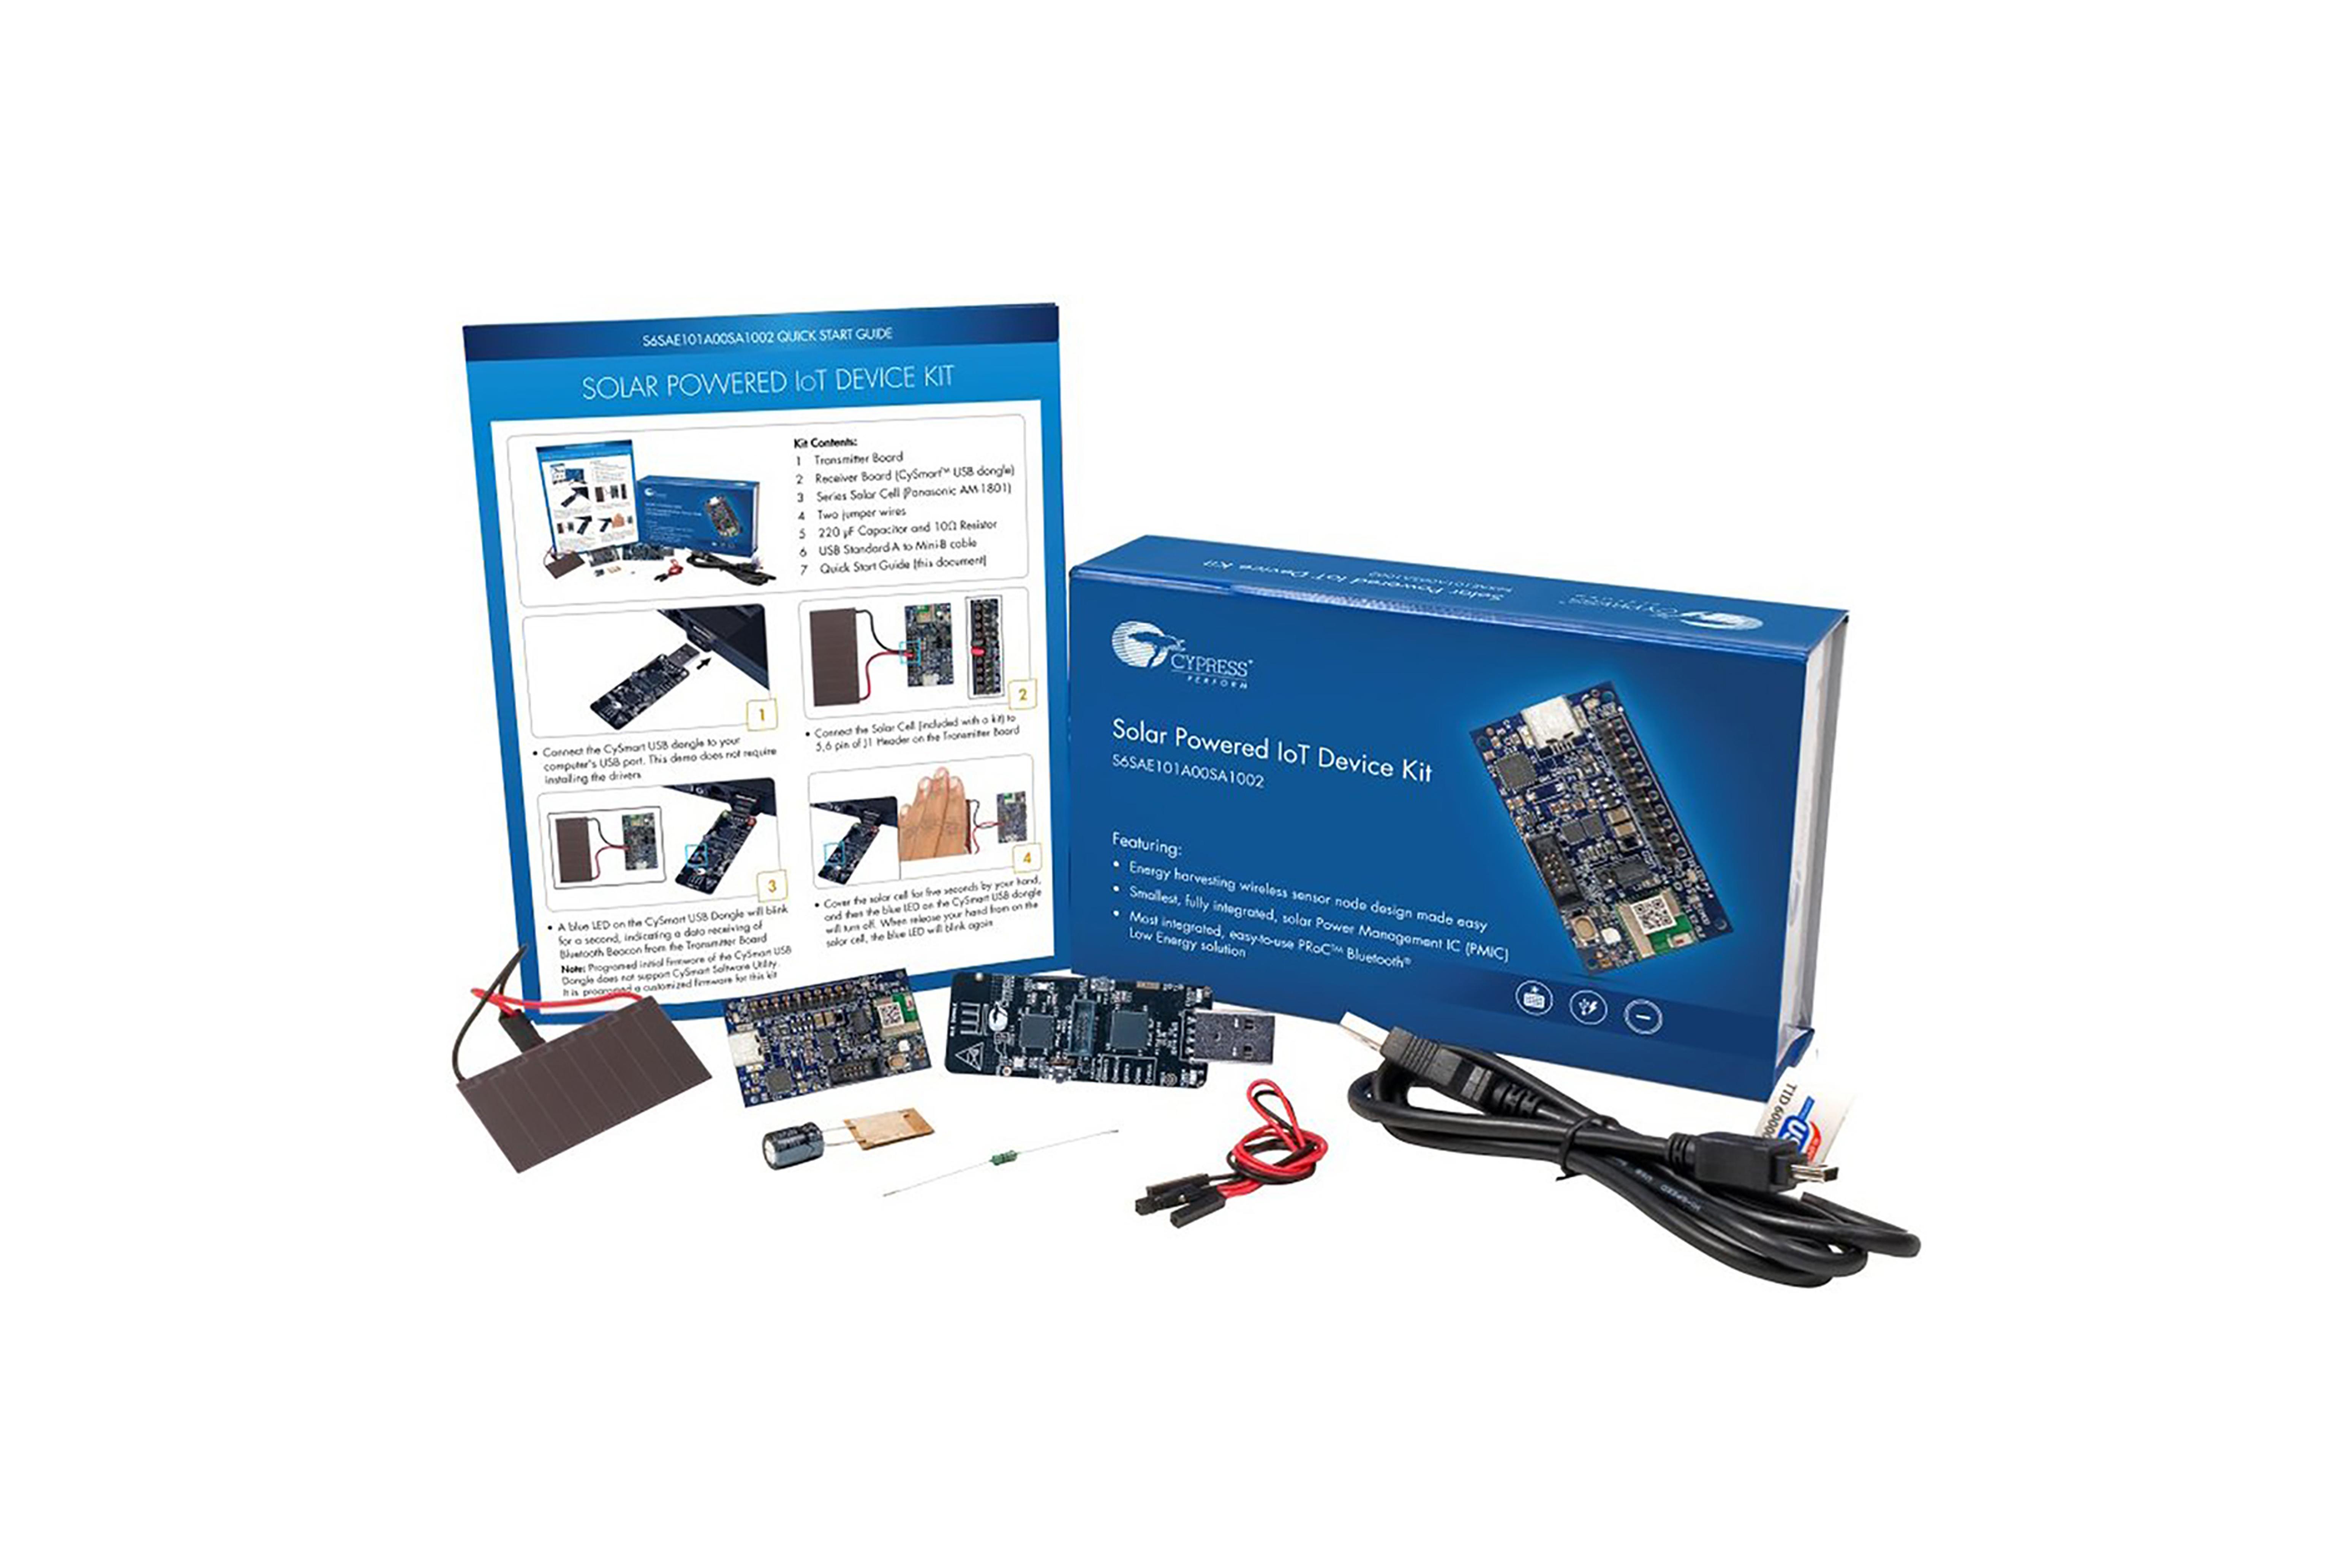 Solarbetriebenes BLE IoT-Gerätekit